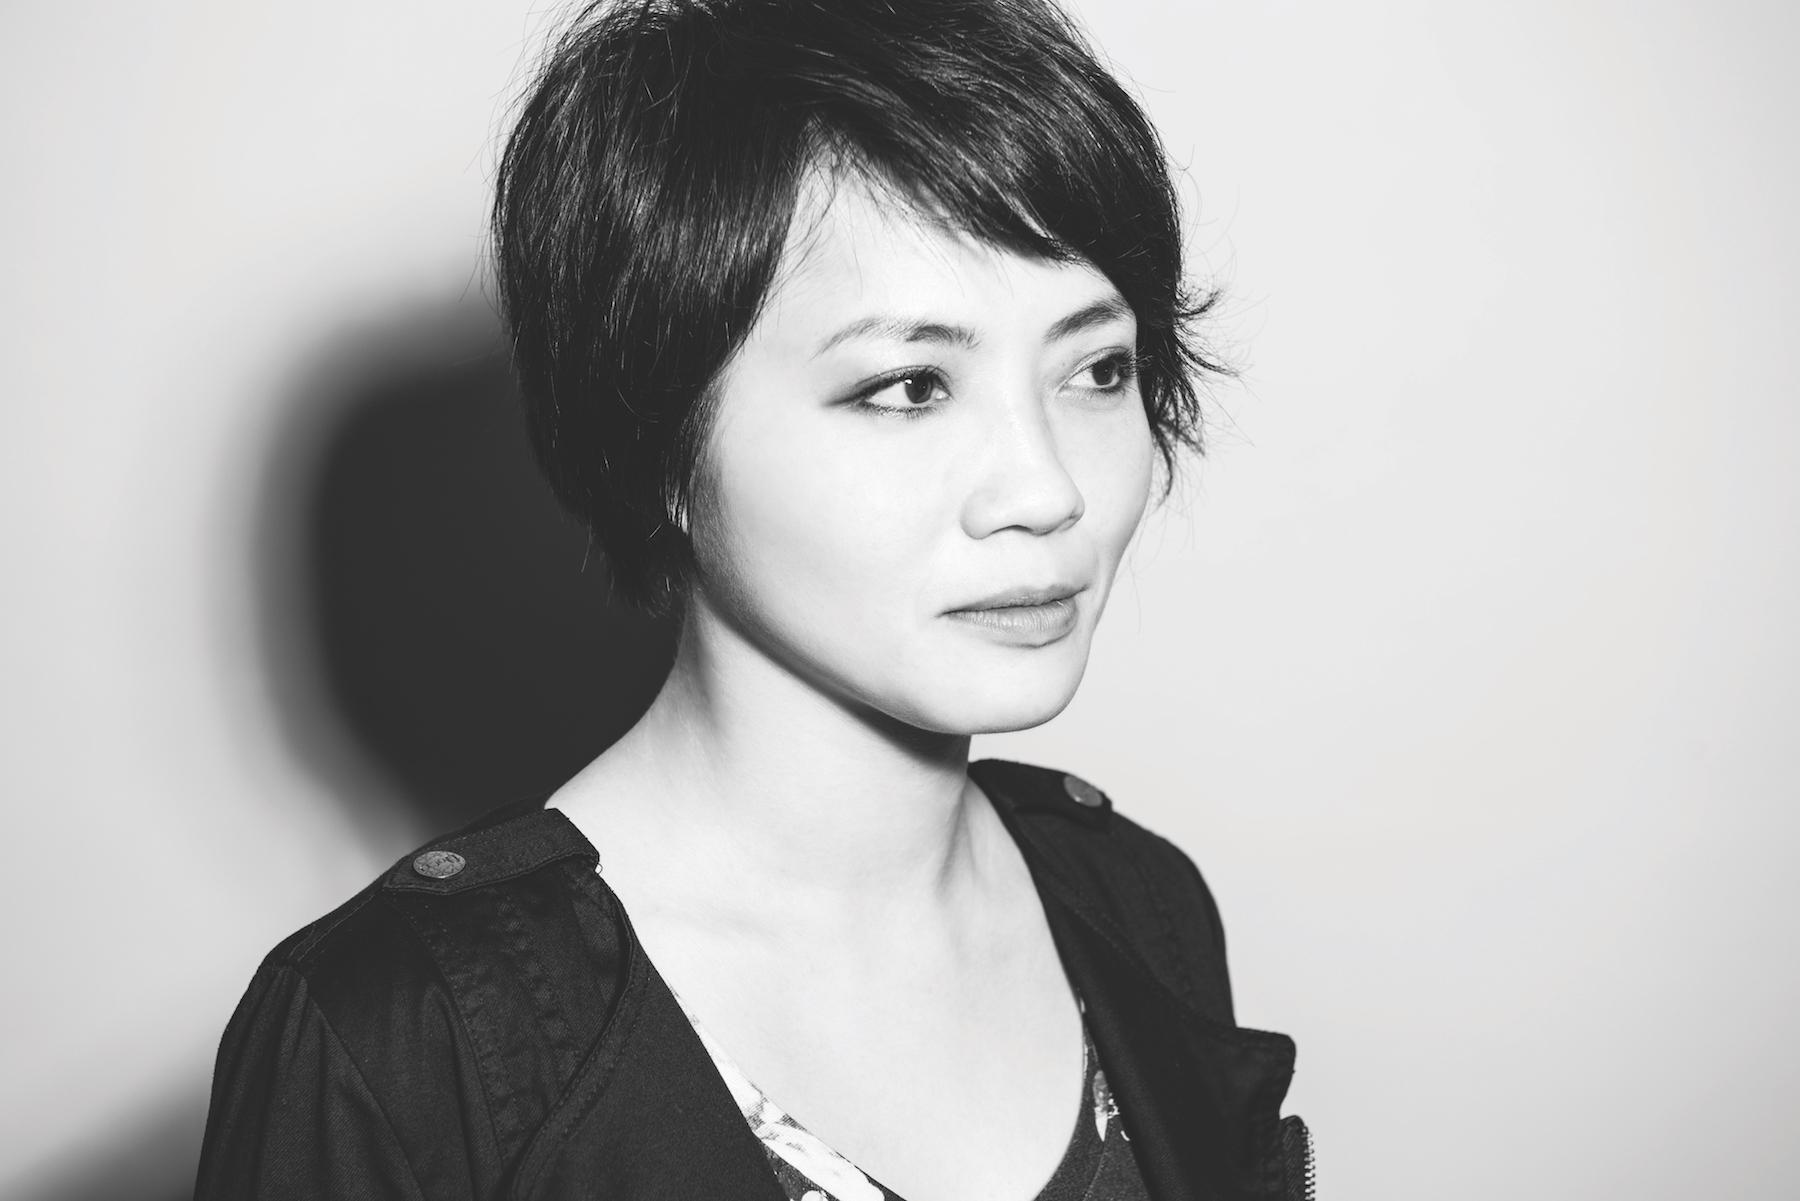 Ocean-Lam-Profile-Picture